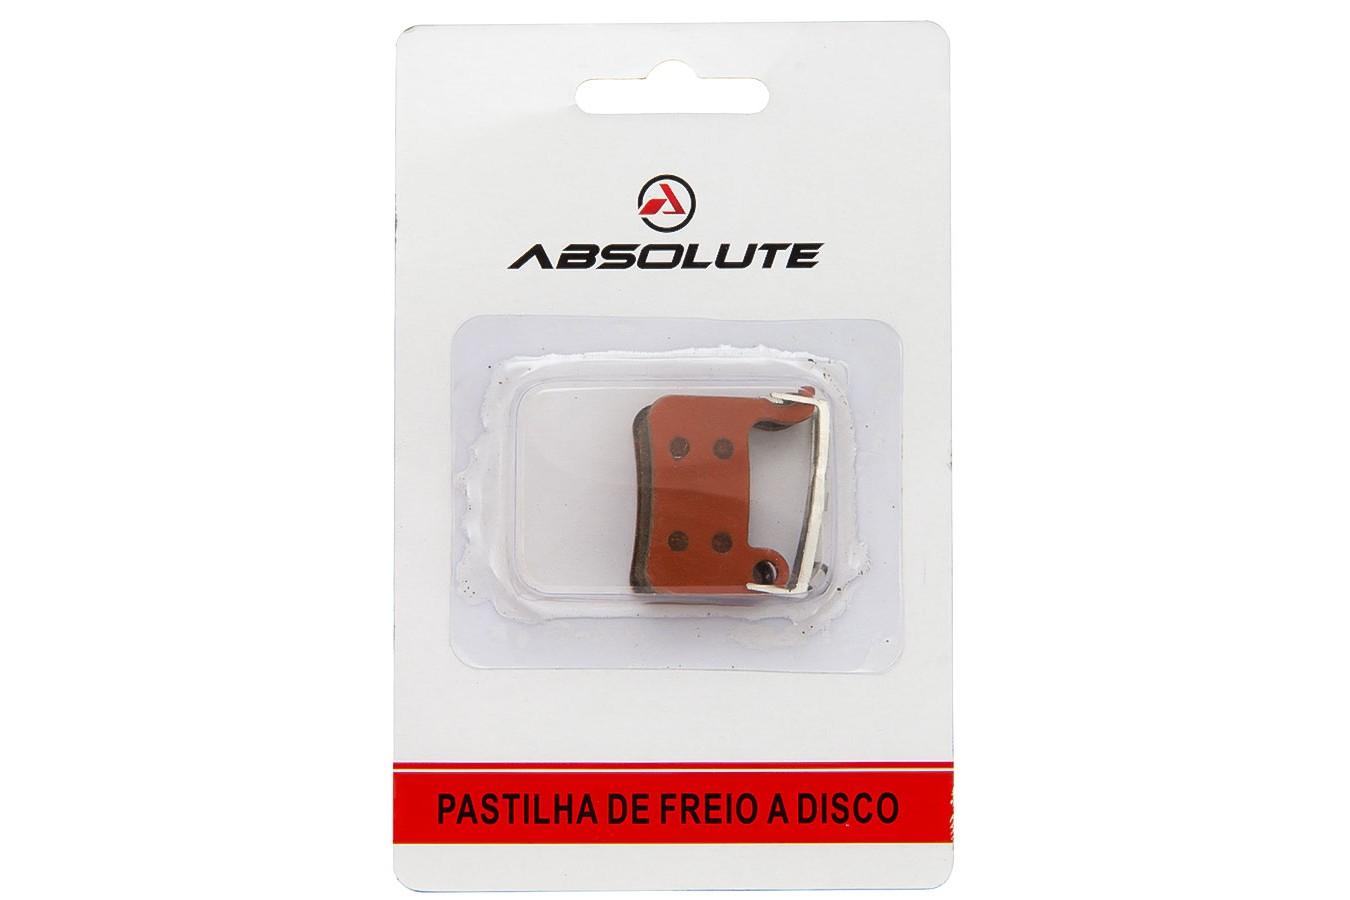 Pastilha Freio Disco Shimano Xt / Xtr / Saint - Absolute